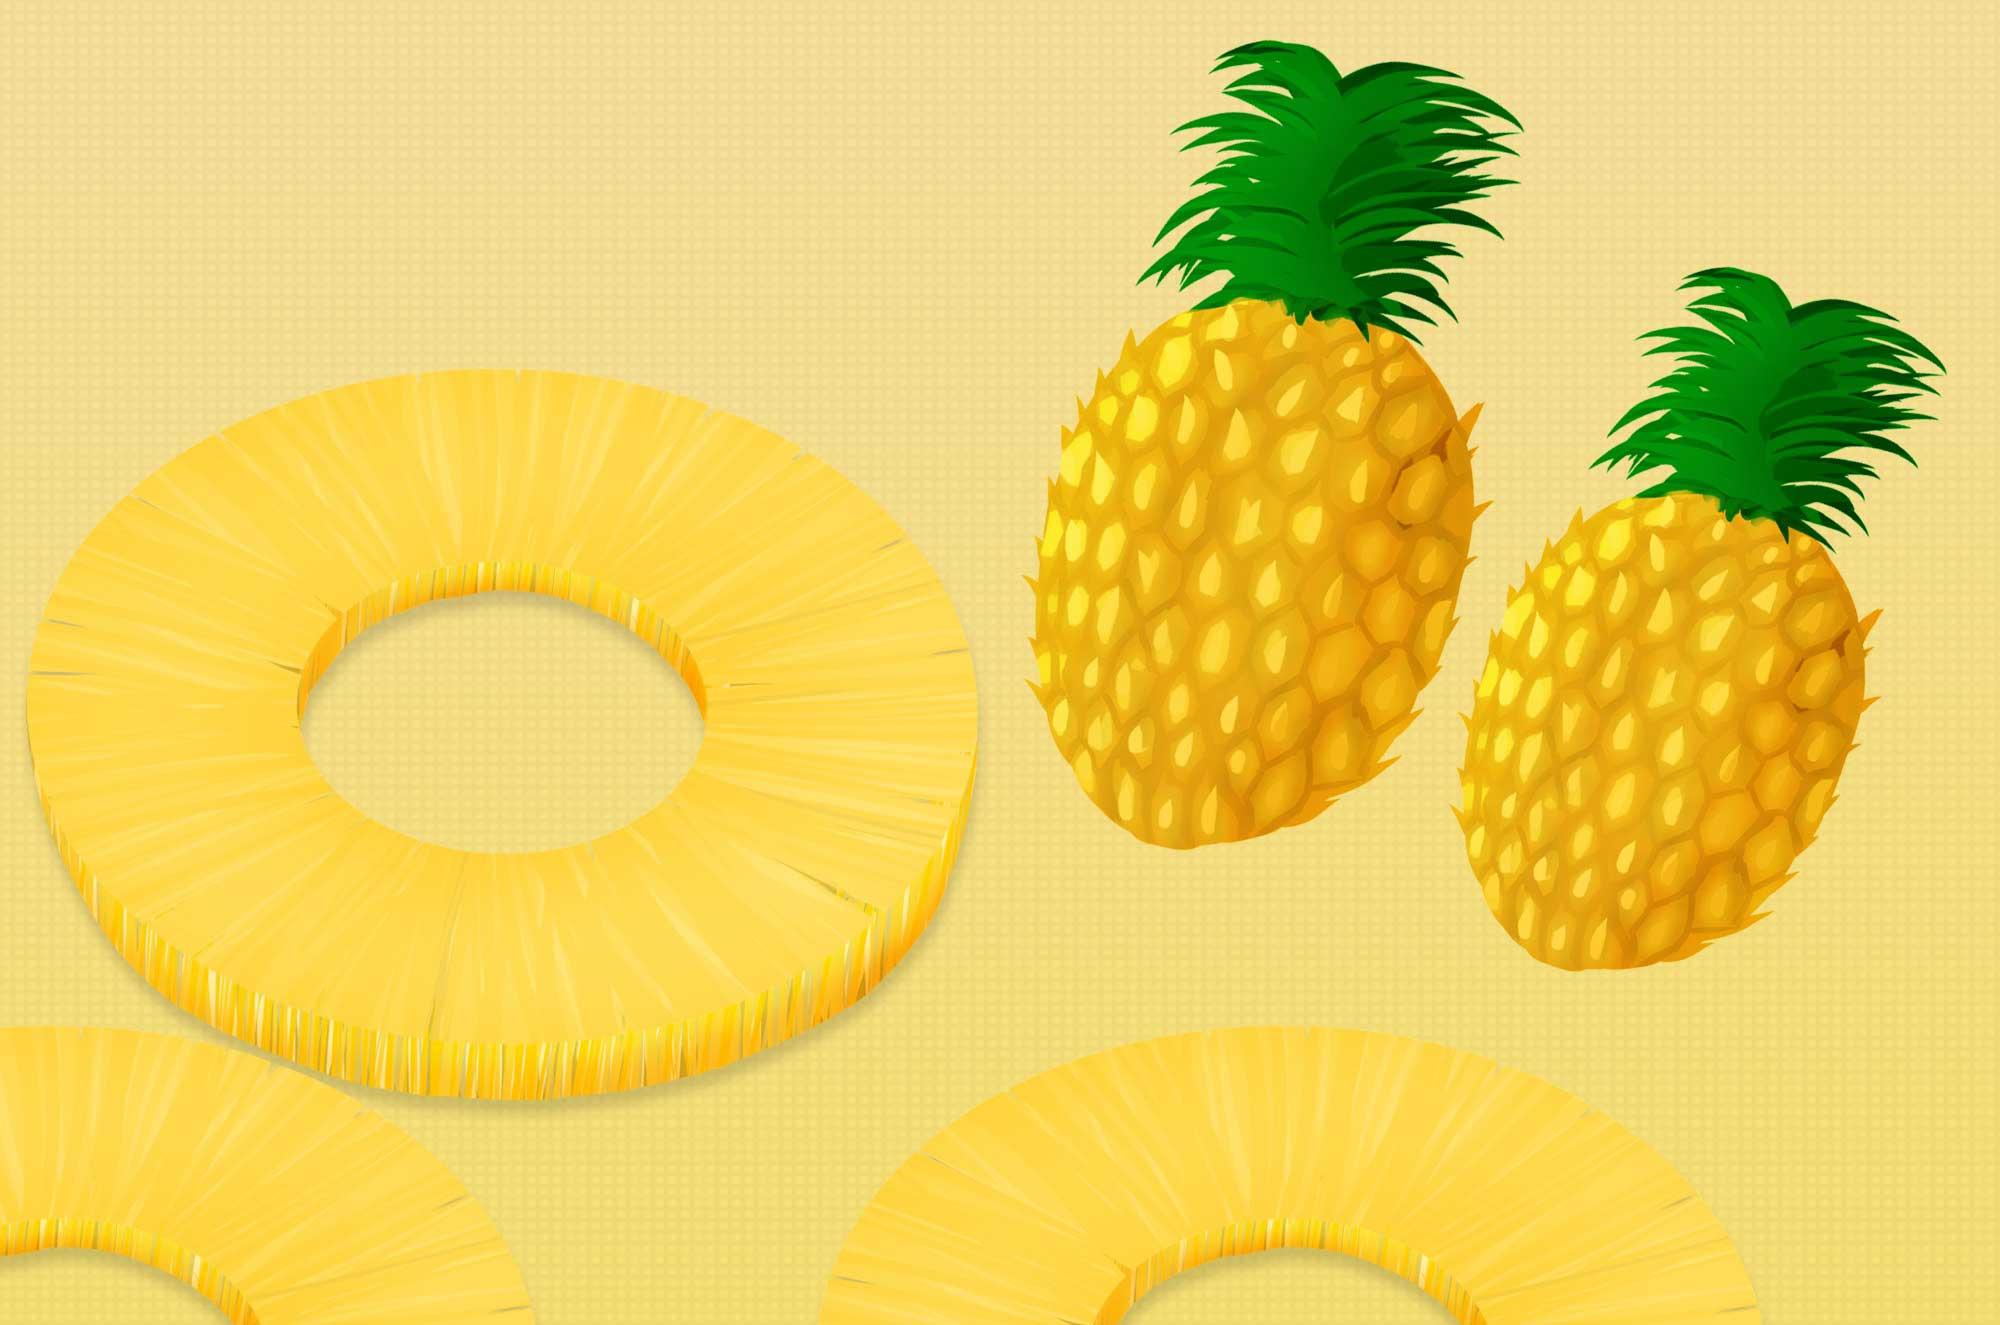 パイナップルイラスト - 可愛いリアルなパインの無料素材